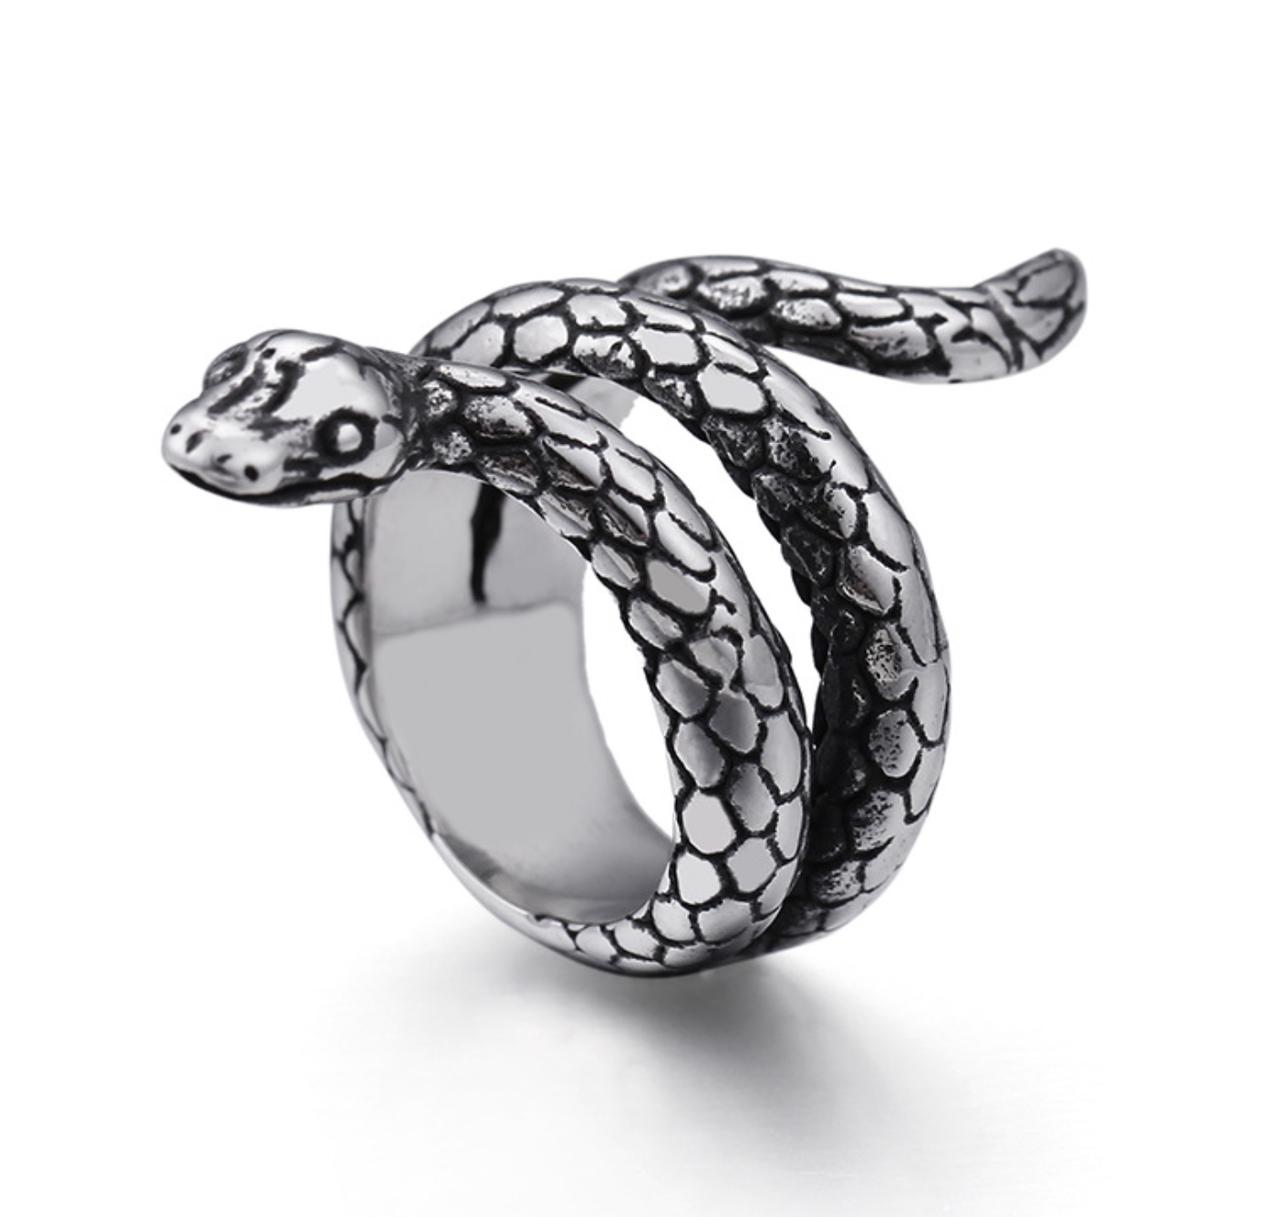 Кольцо Женское Мужское City-A Кольцо Змея спираль Размер 20 из Титановой Стали цвет Серебряное №3159